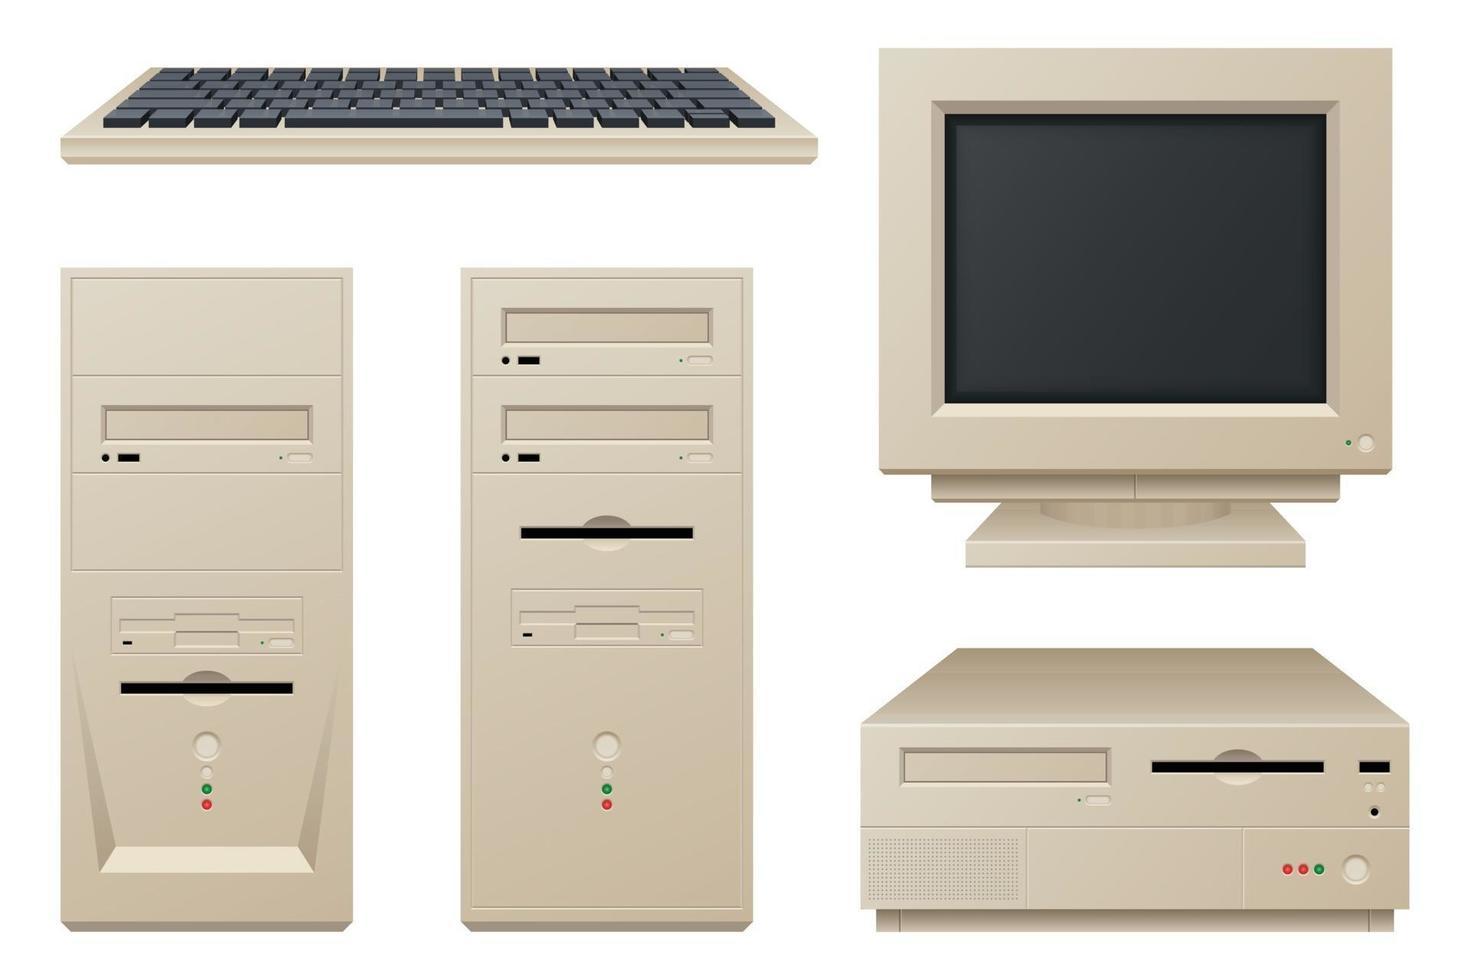 ilustração vetorial de computador vintage antigo vetor